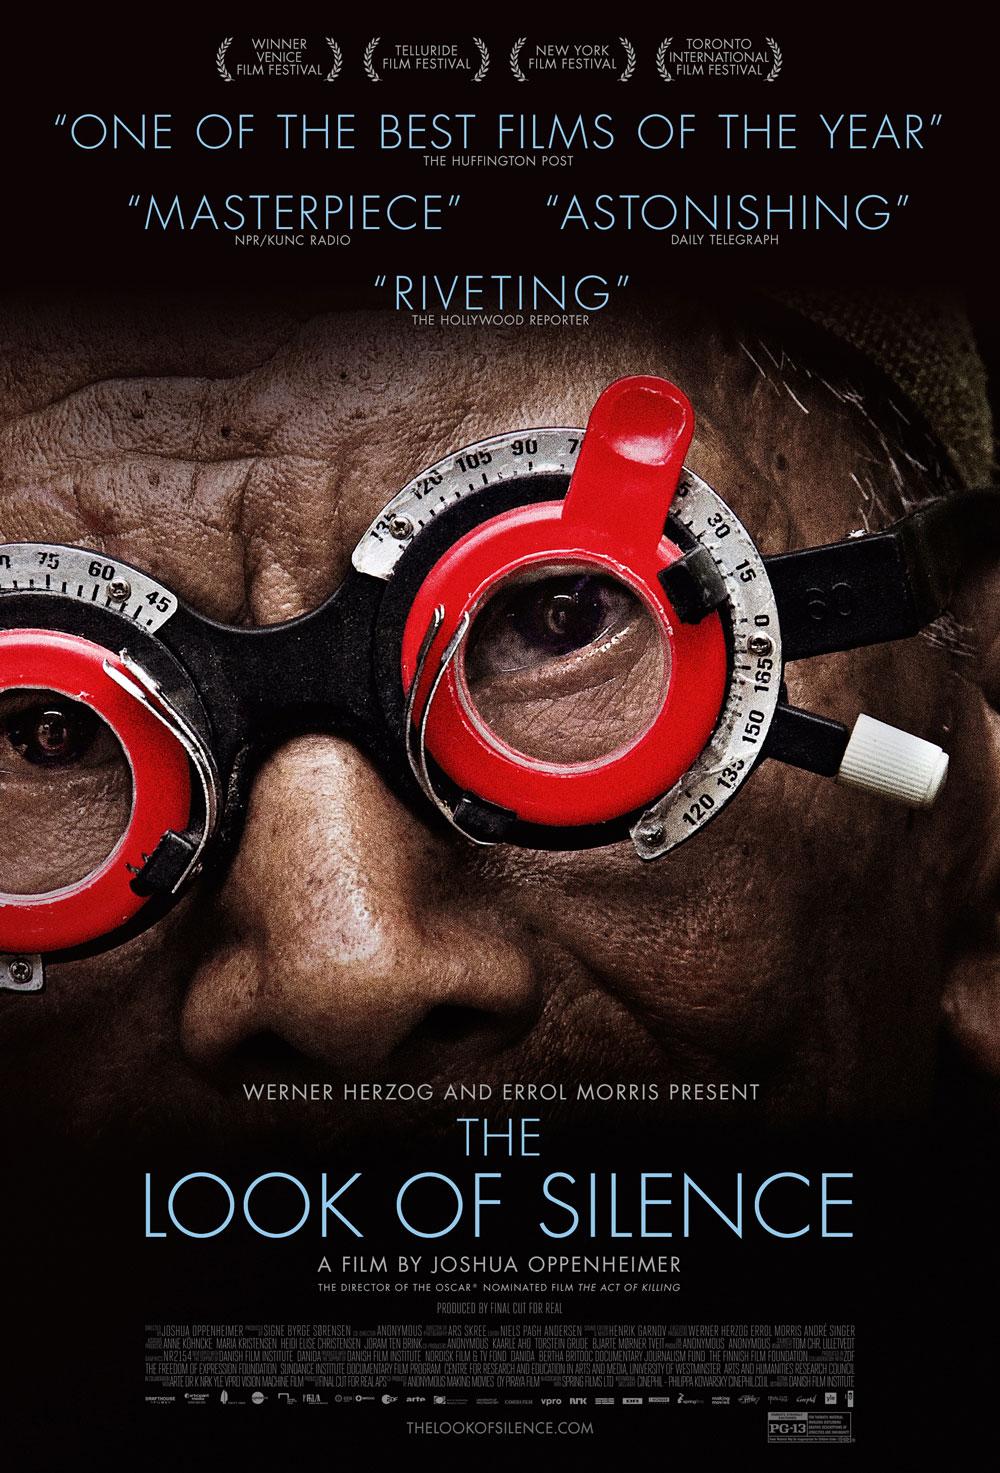 LookofSilence.jpg